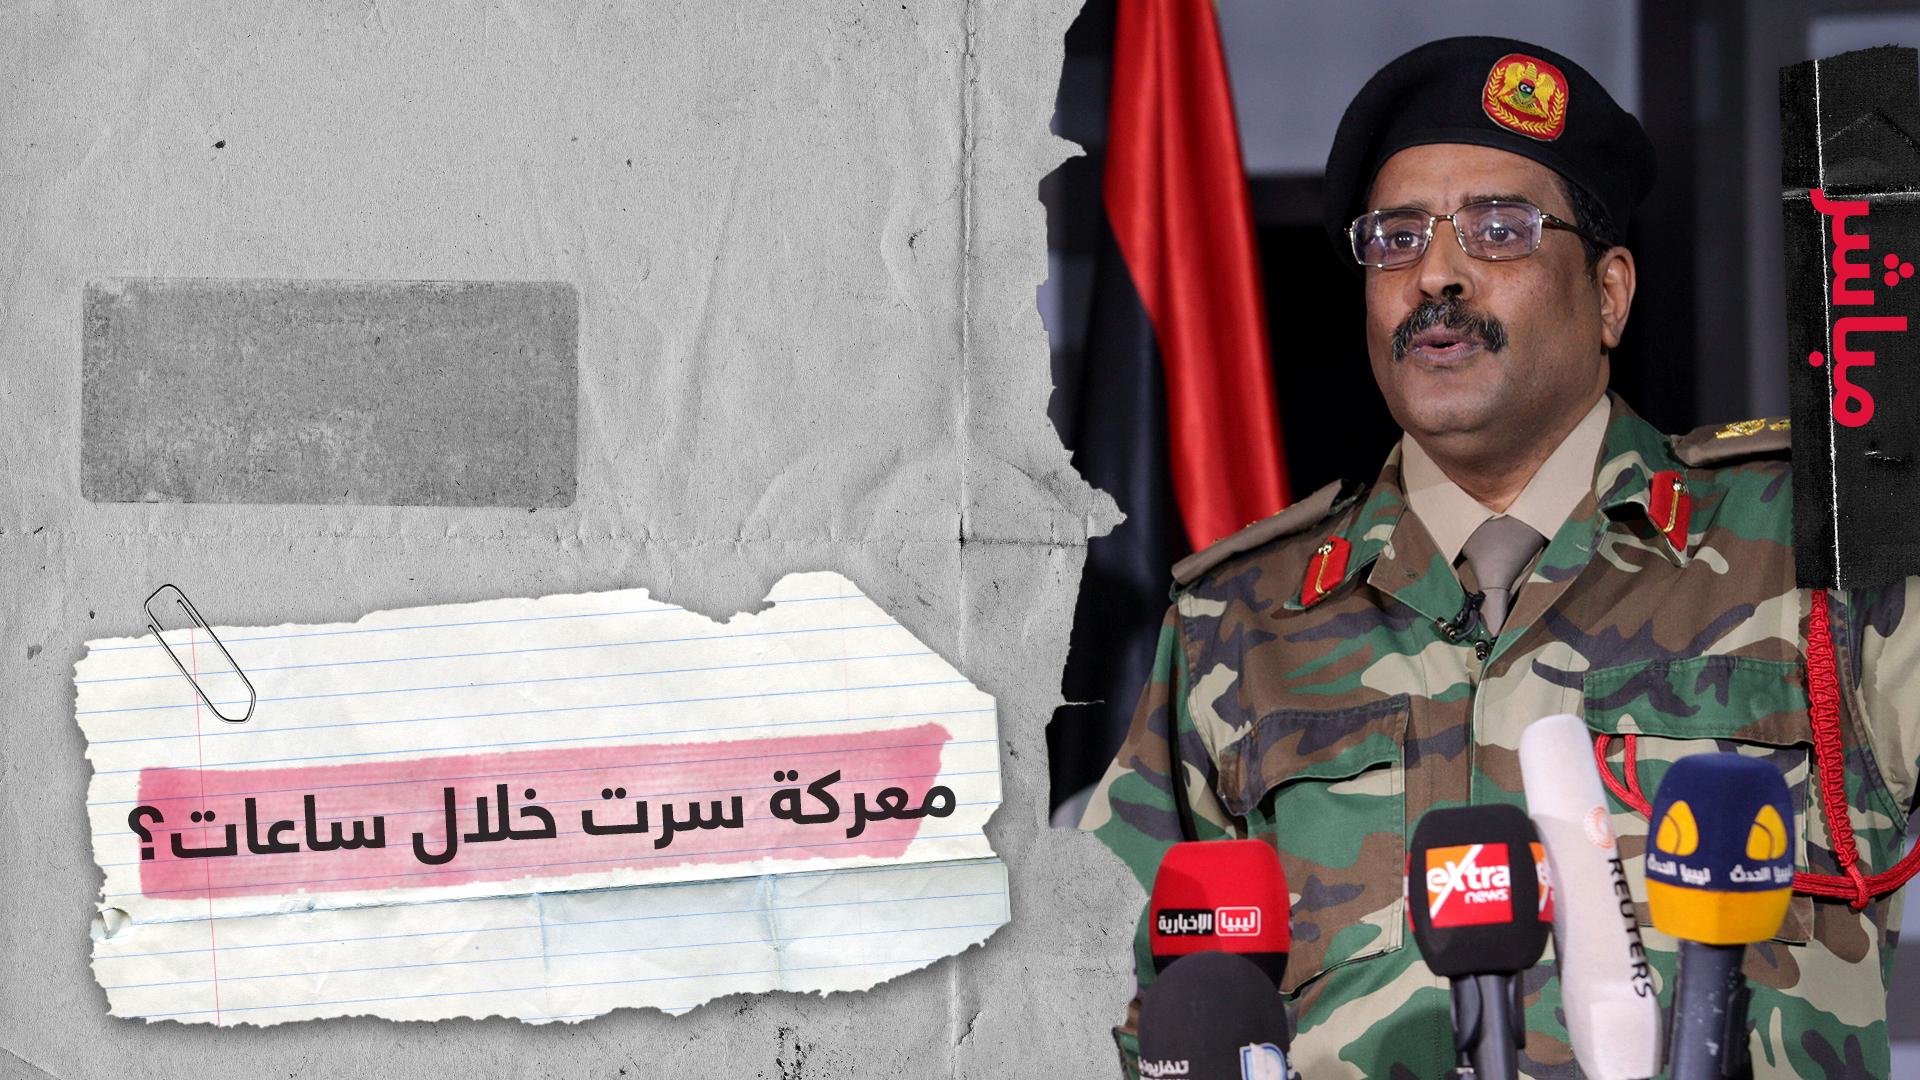 تصريحات وتحركات متسارعة بليبيا معركة سرت والجفرة خلال ساعات؟